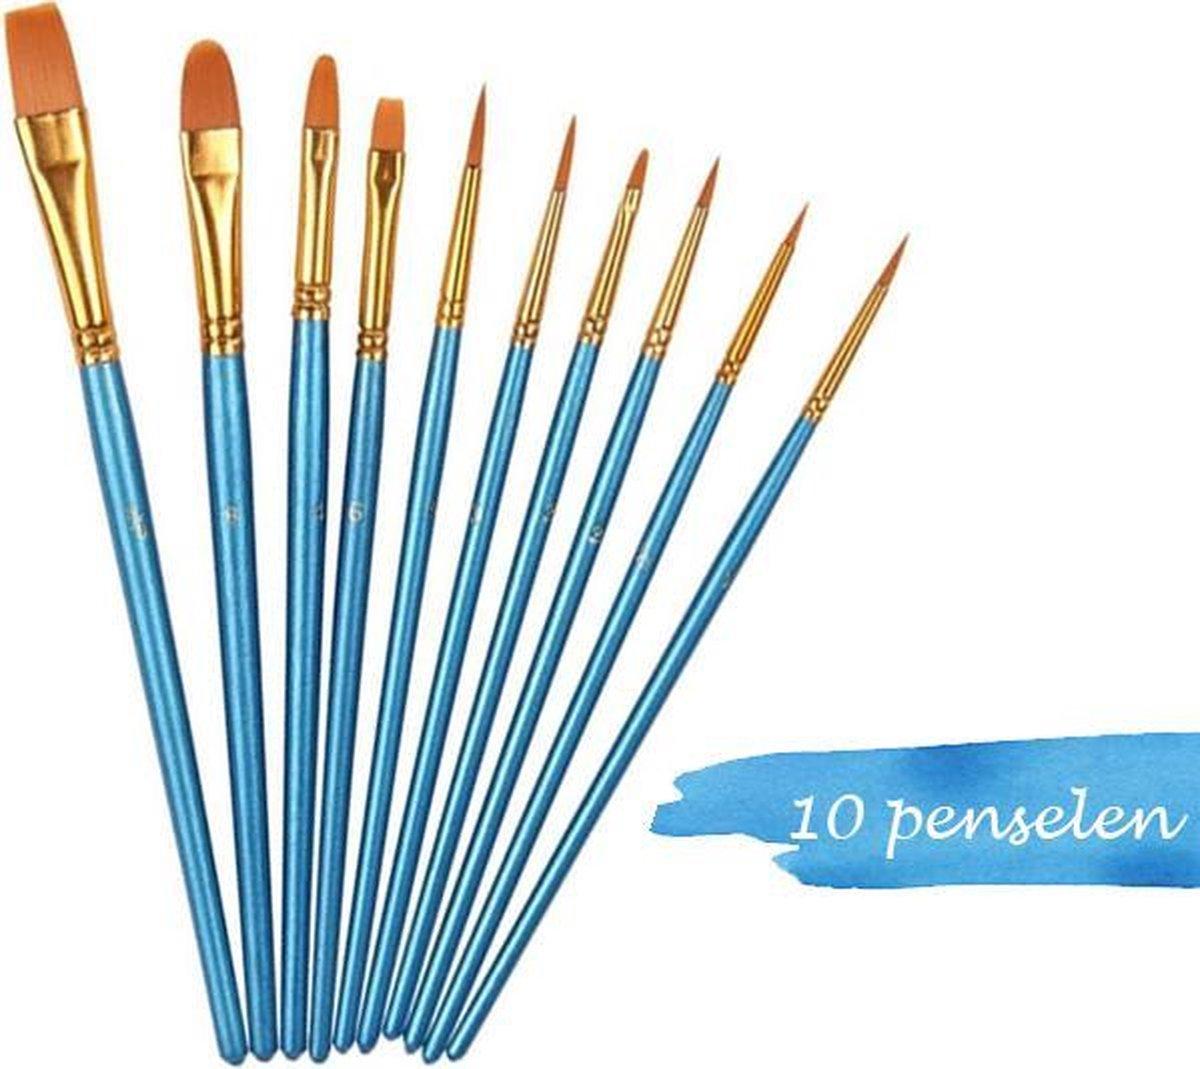 JDBOS ® Schilderen op nummer penselen - 10-delige Aquarel schilderset - verf penselen